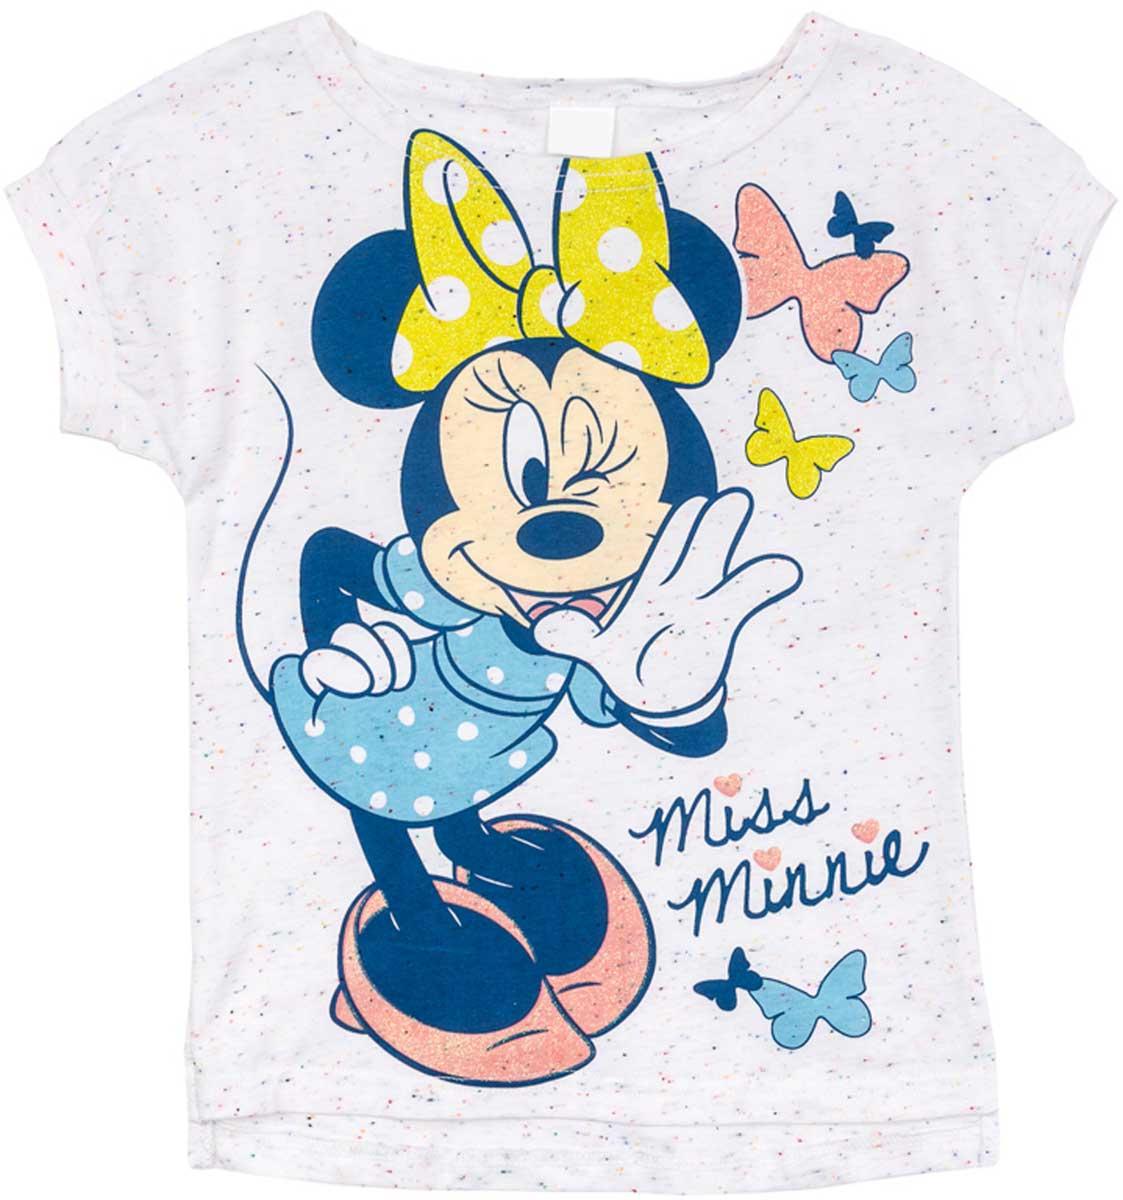 Футболка672103Футболка для девочки PlayToday свободного классического кроя прекрасно подойдет как для домашнего использования, так и для прогулок на свежем воздухе. Можно использовать в качестве базовой вещи повседневного гардероба вашего ребенка. Яркий стильный лицензированный принт Disney является достойным украшением данного изделия.